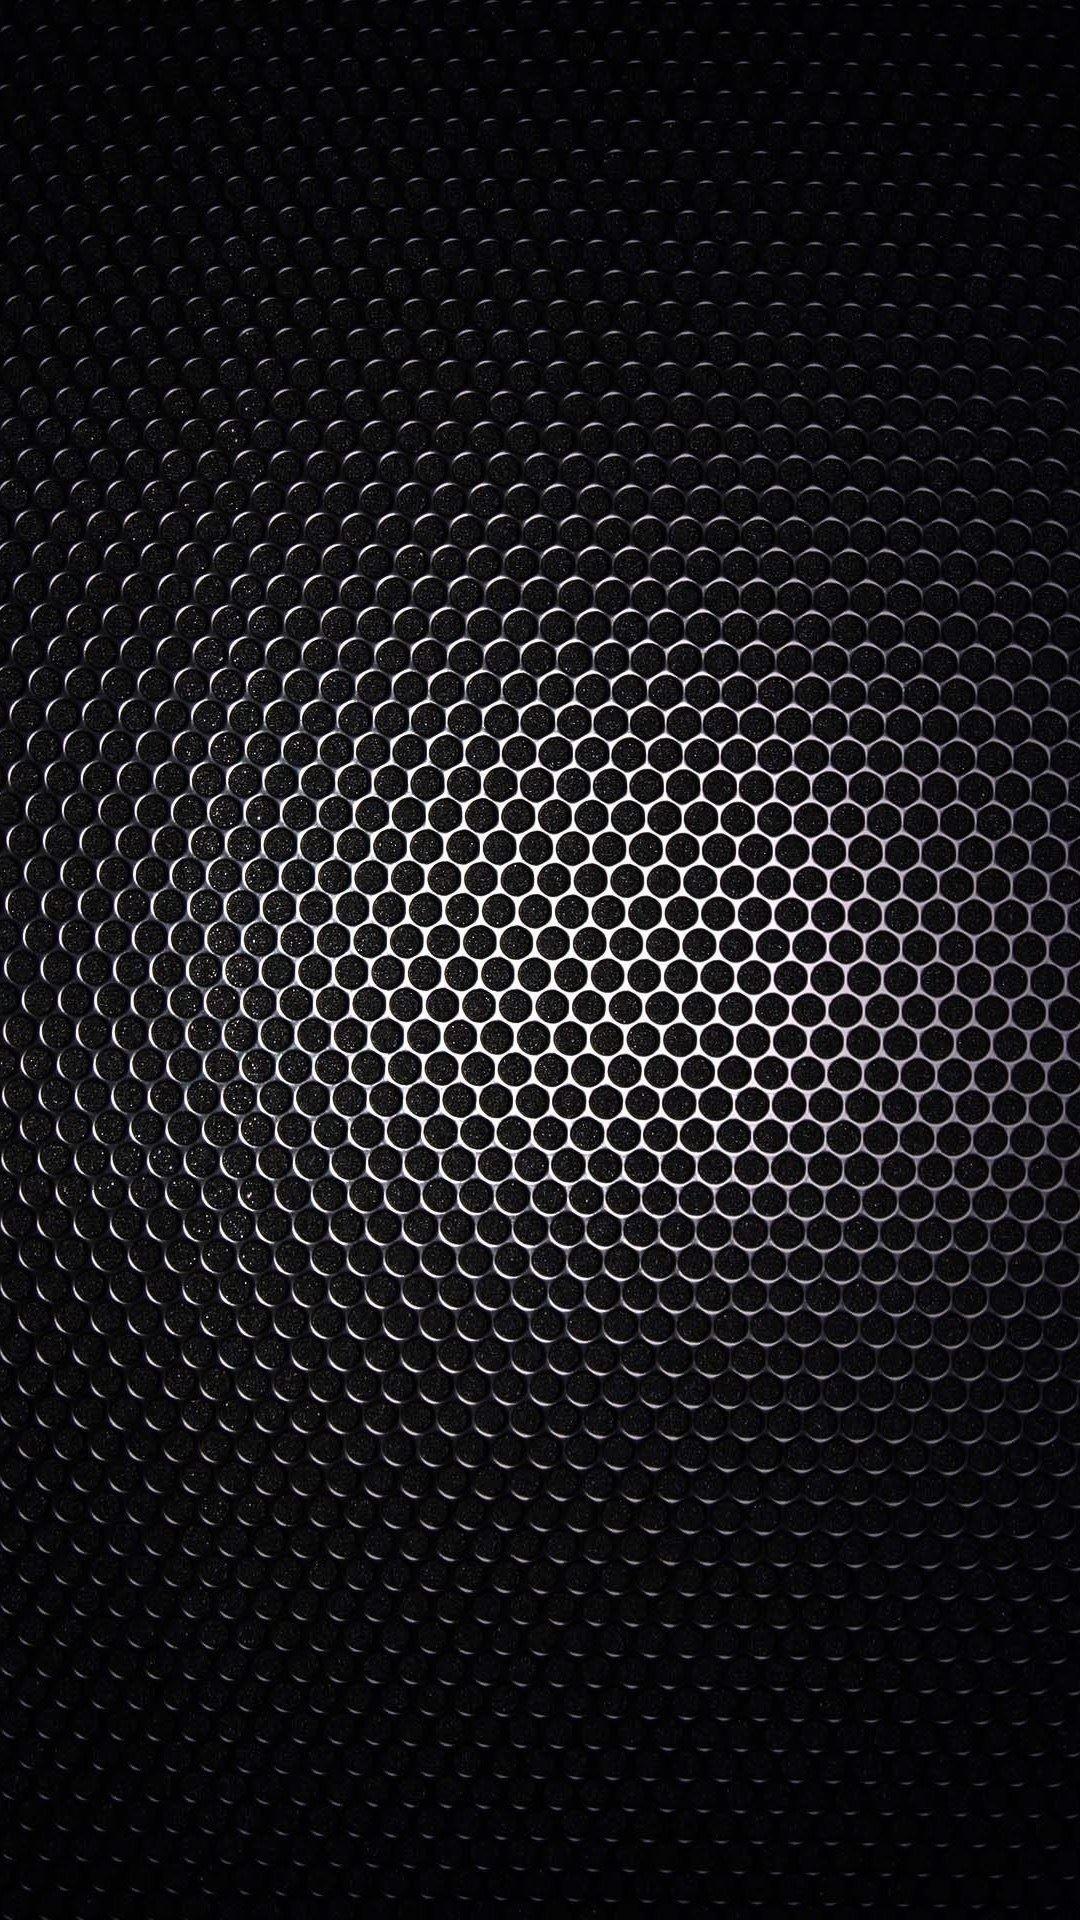 Res: 1080x1920, Metal grid pattern